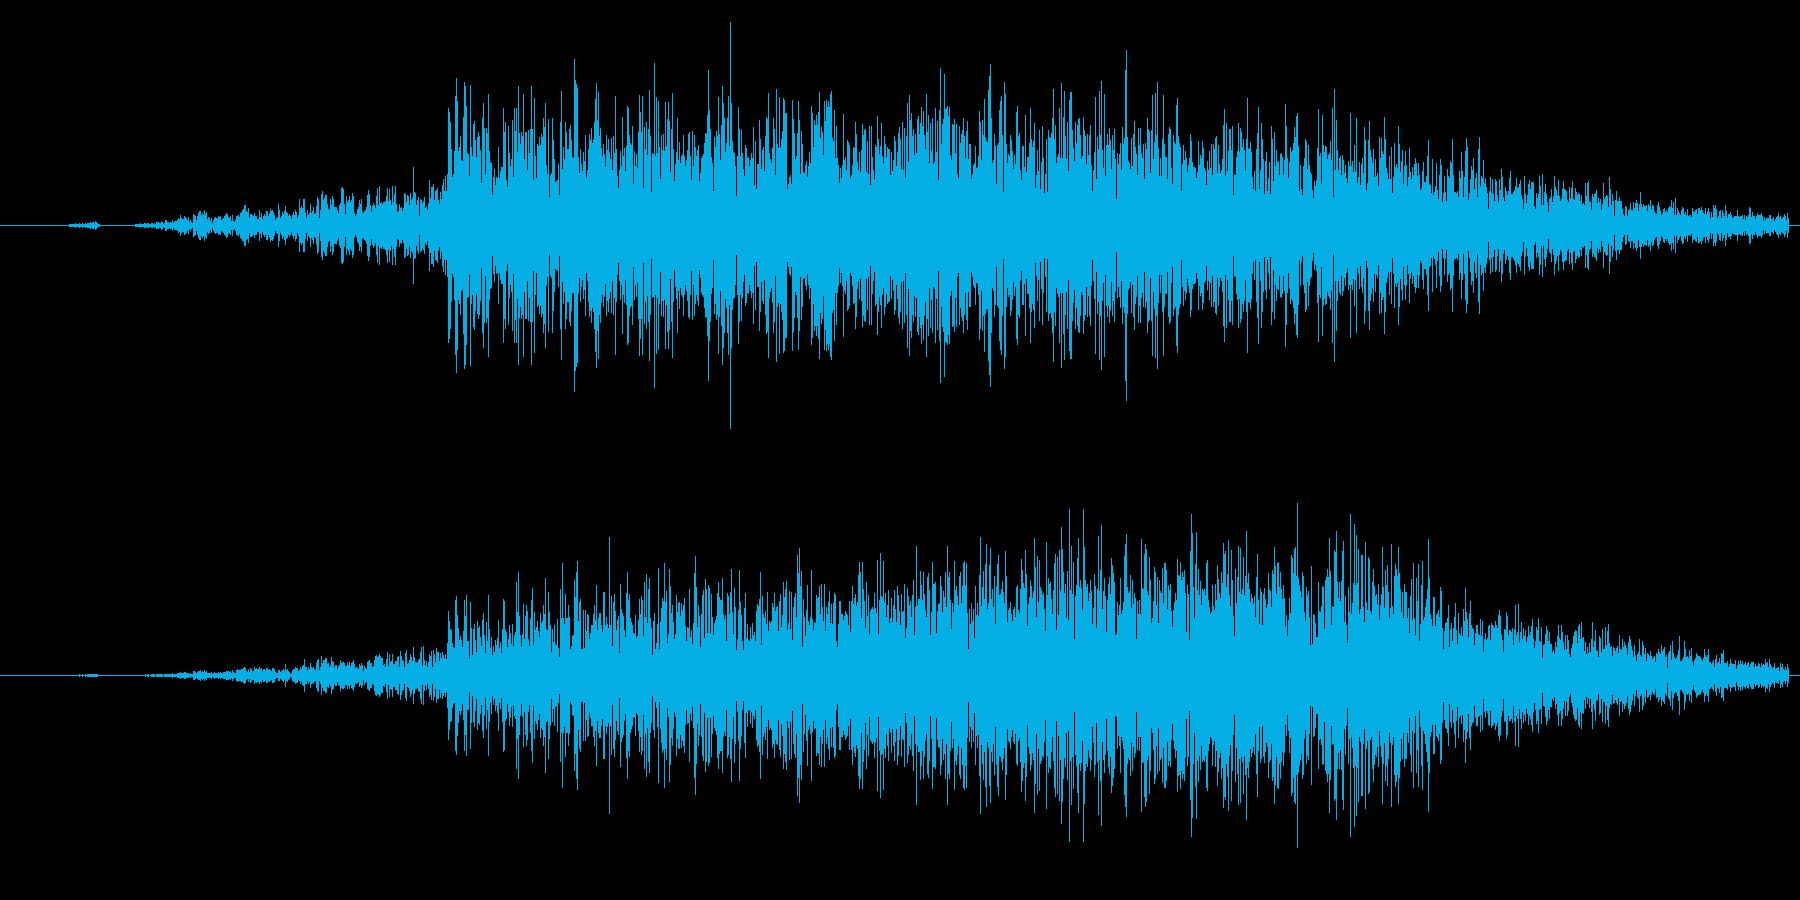 スワイプ/キャンセル/場面転換に最適!4の再生済みの波形